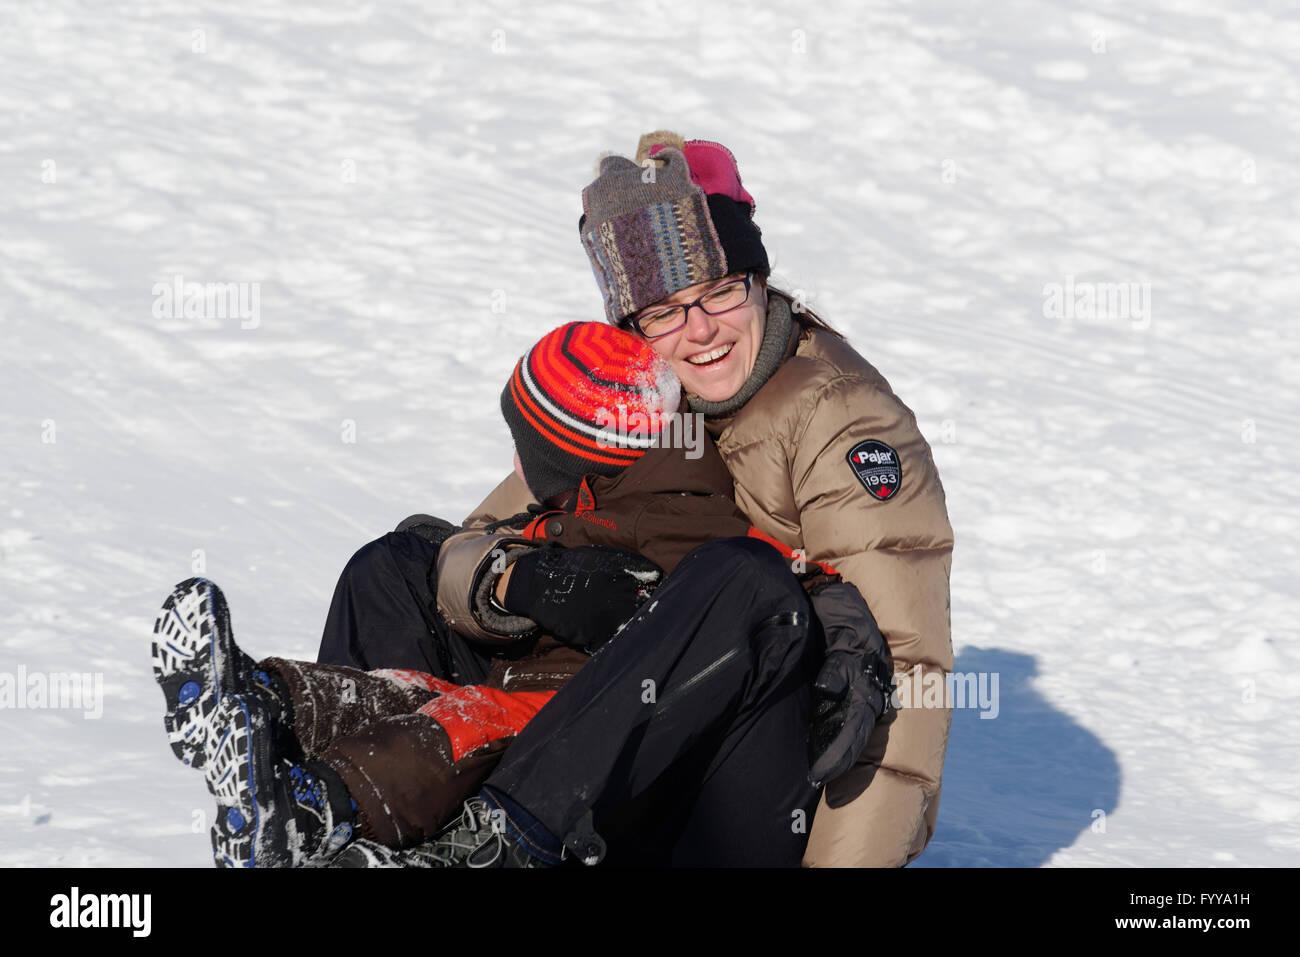 Madre e hijo (de 4 años) trineo en Quebec Canadá Imagen De Stock